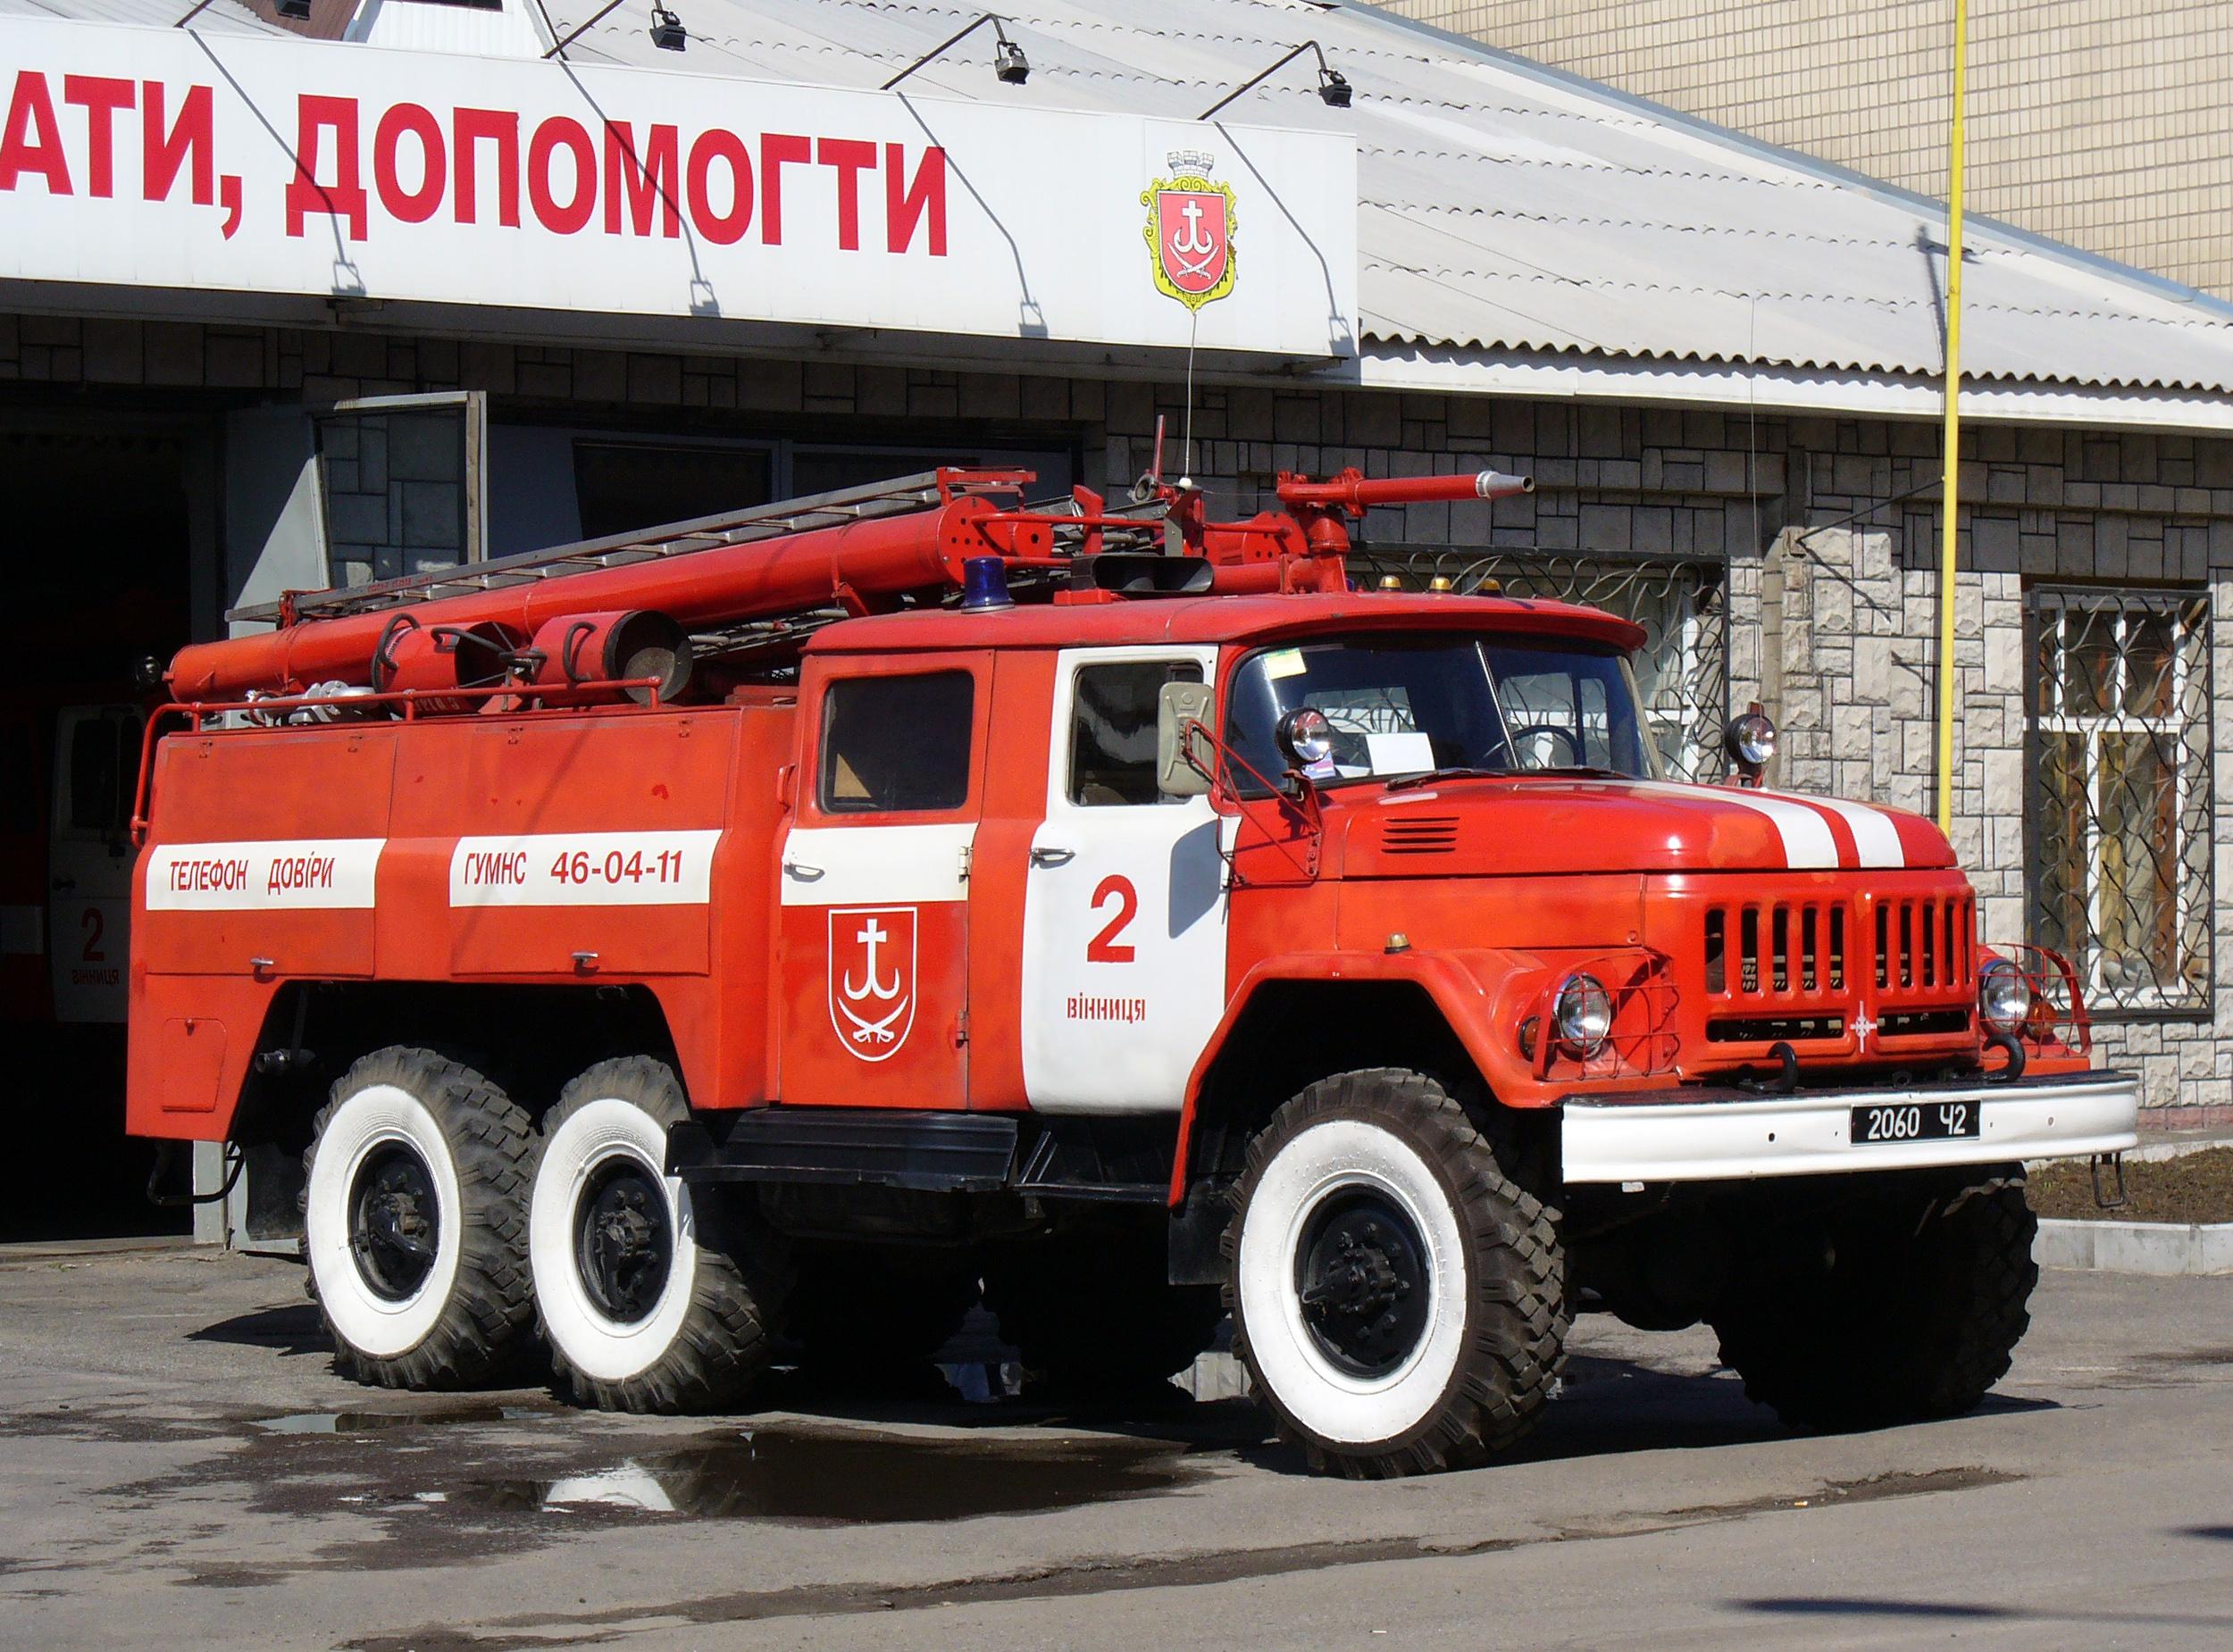 Доклад о пожарной машине 6367